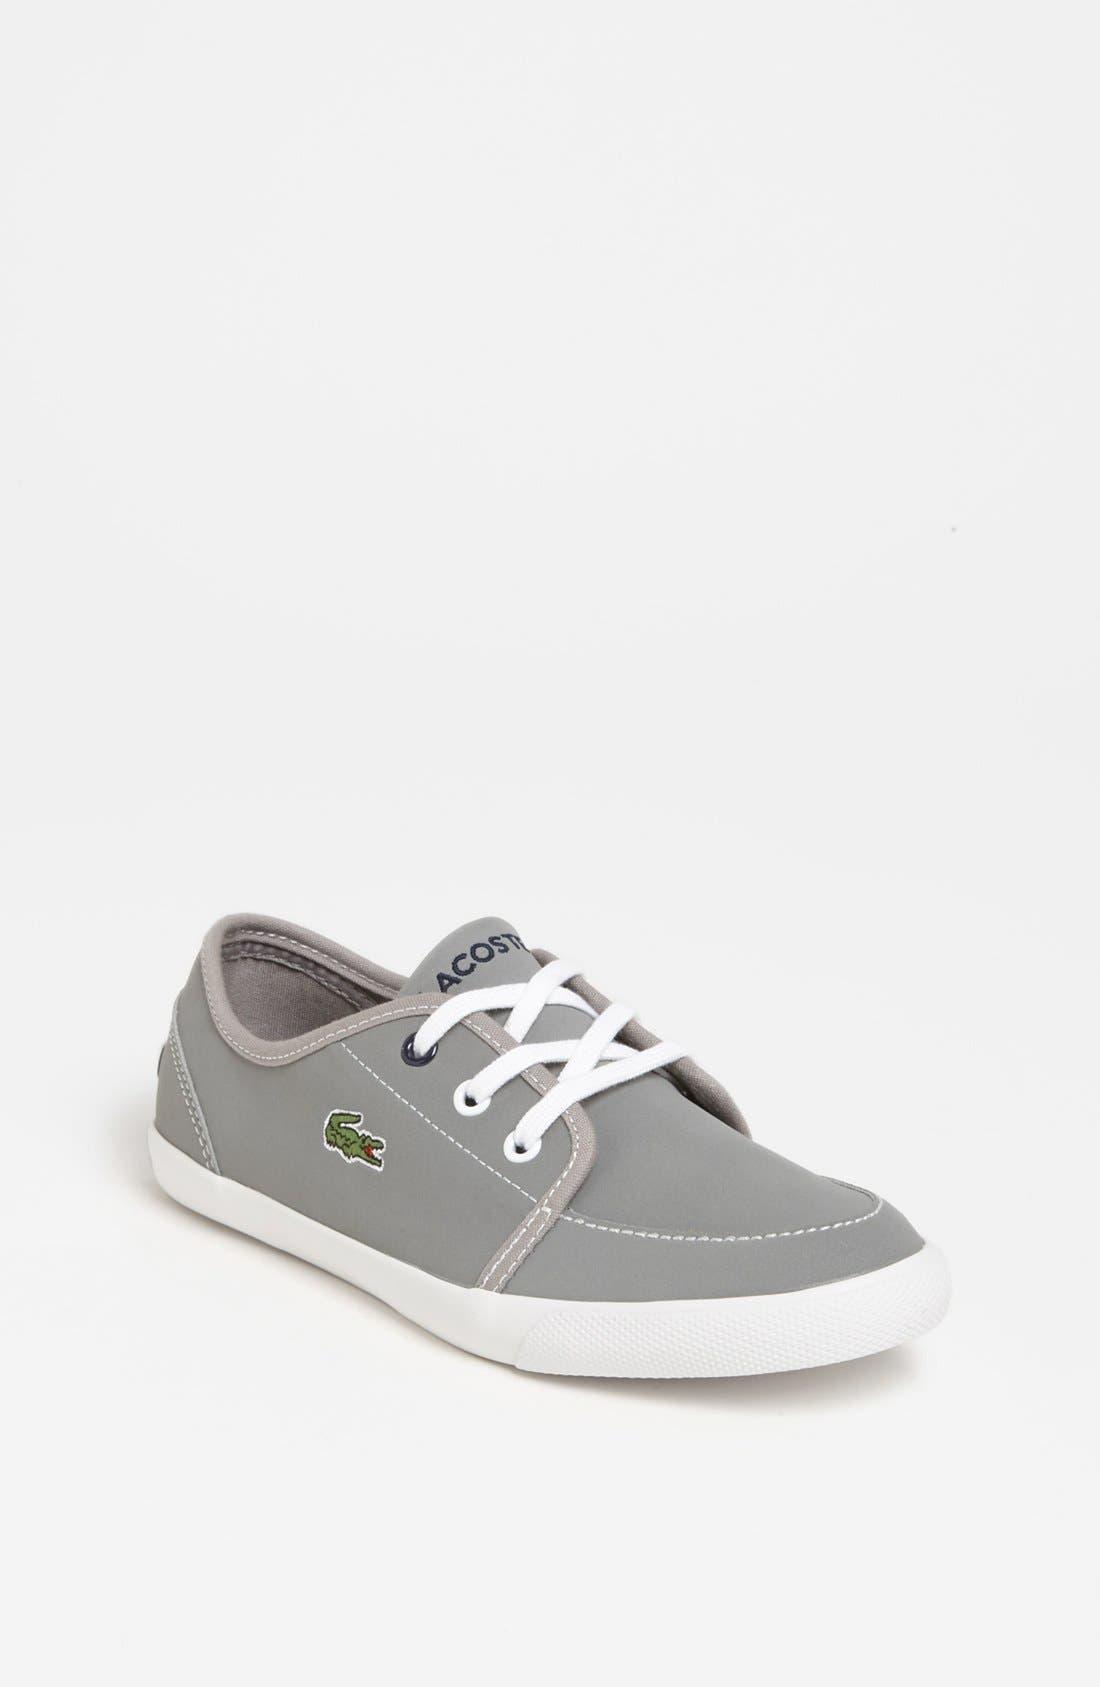 Main Image - Lacoste 'Boat DE' Sneaker (Little Kid & Big Kid)